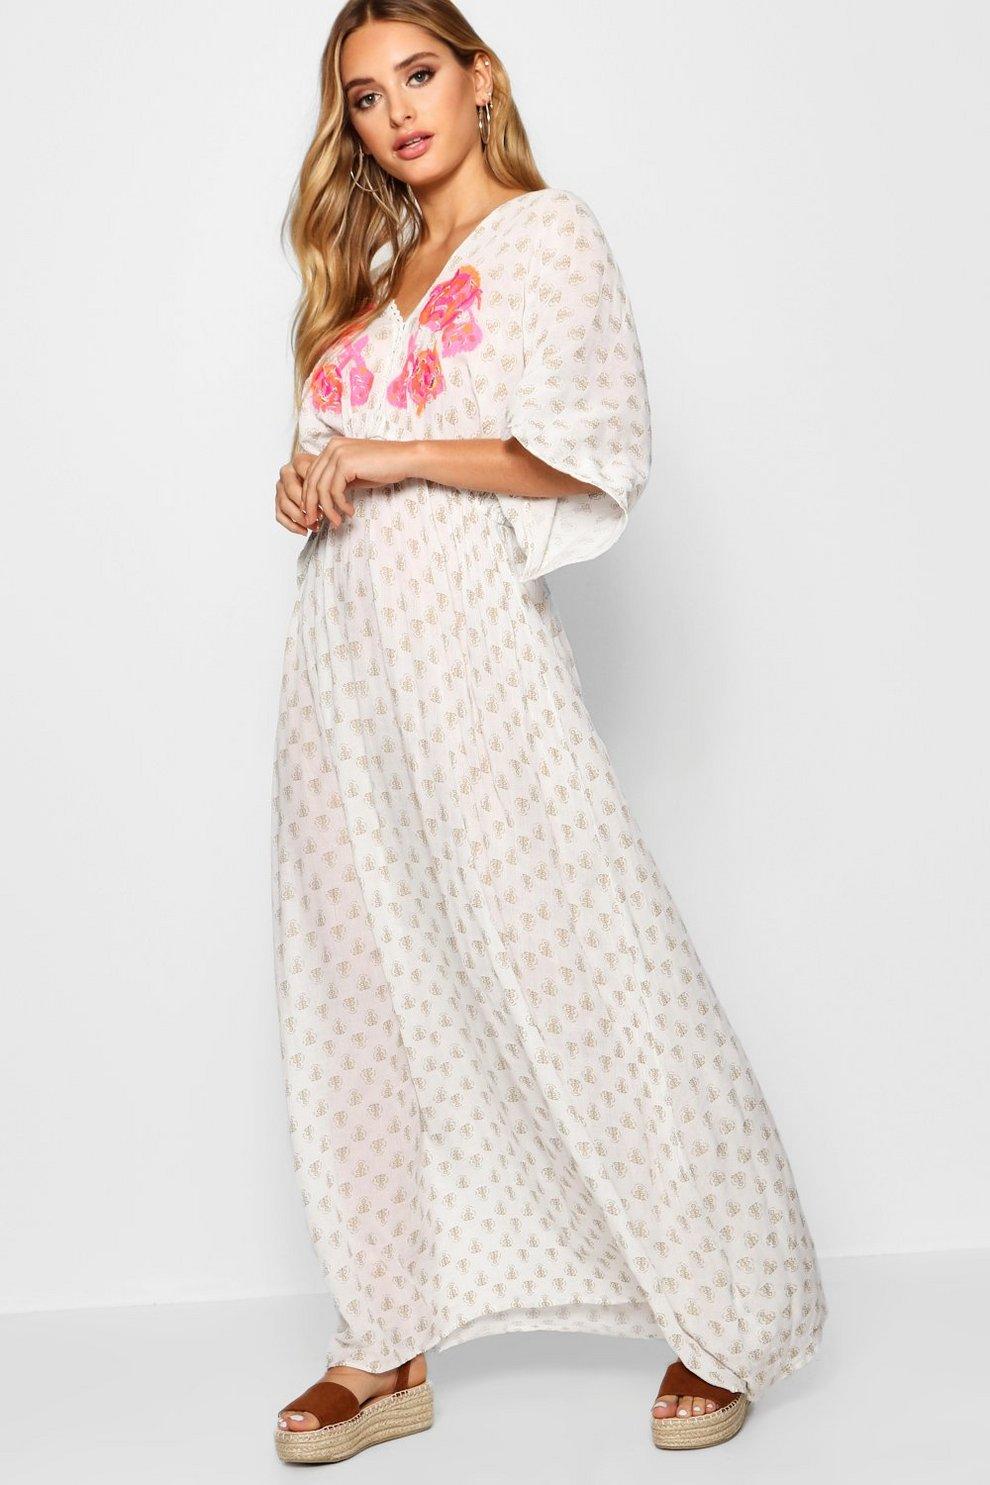 c093d1a1cf Womens White Embroidered Gold Beach Kaftan Maxi Dress